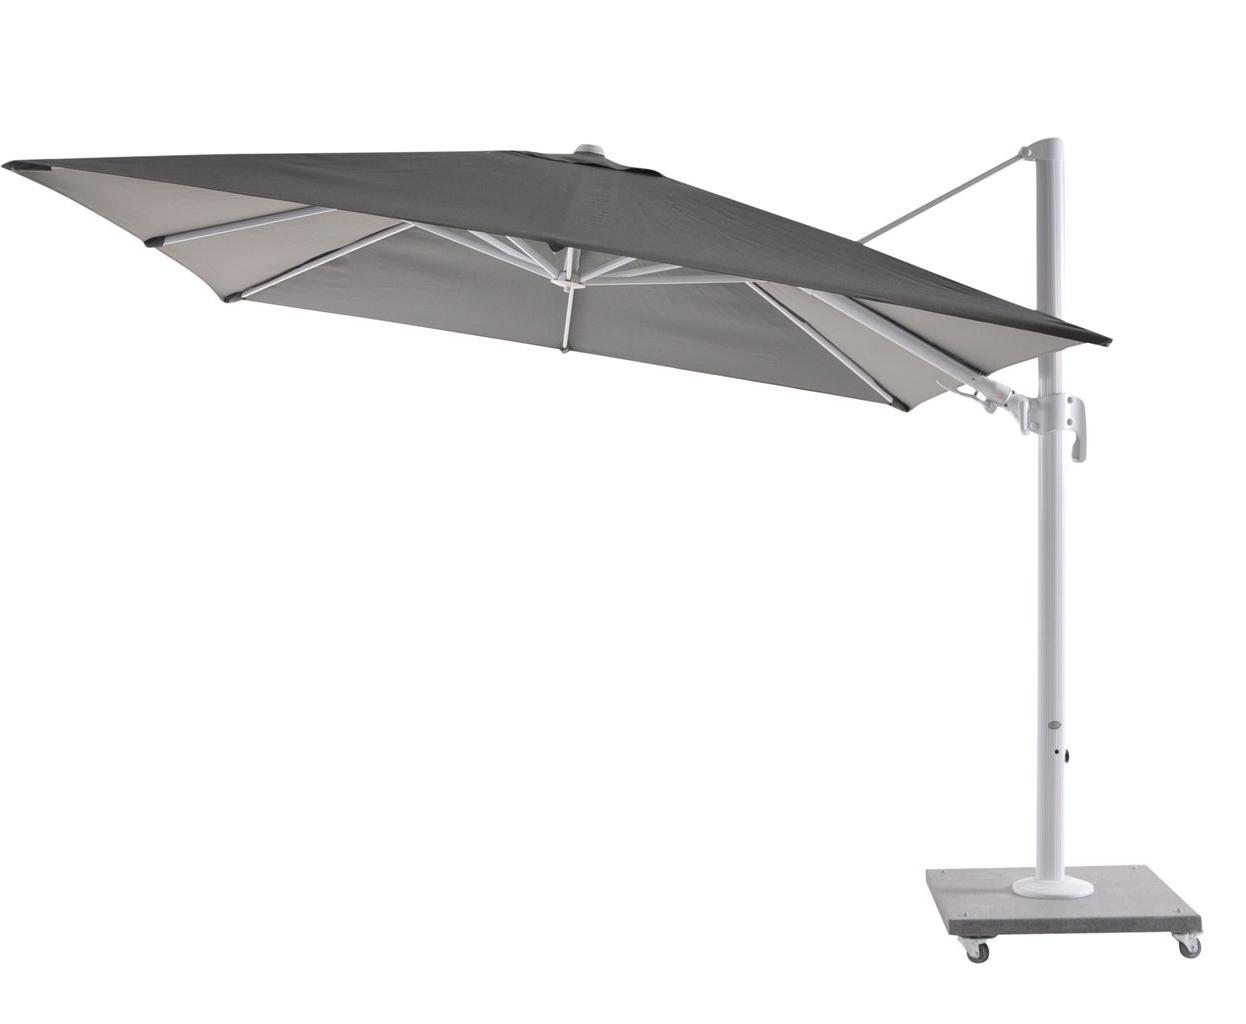 Bondi Square Cantilever Umbrellas With Regard To Recent Bozarth 10' Square Cantilever Umbrella (Gallery 16 of 20)